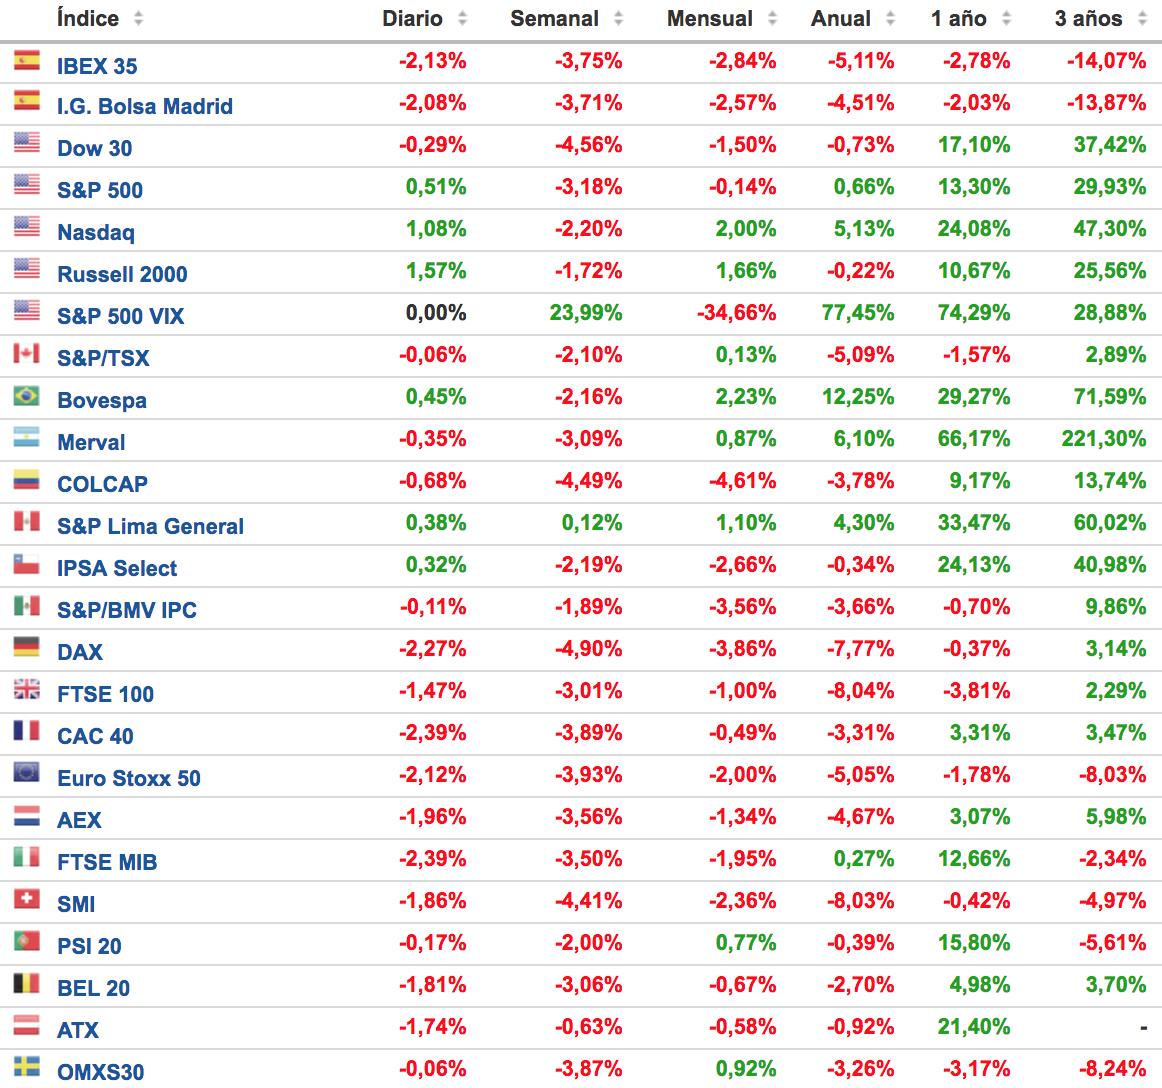 evolución de los principales indices bursatiles Altair Finance